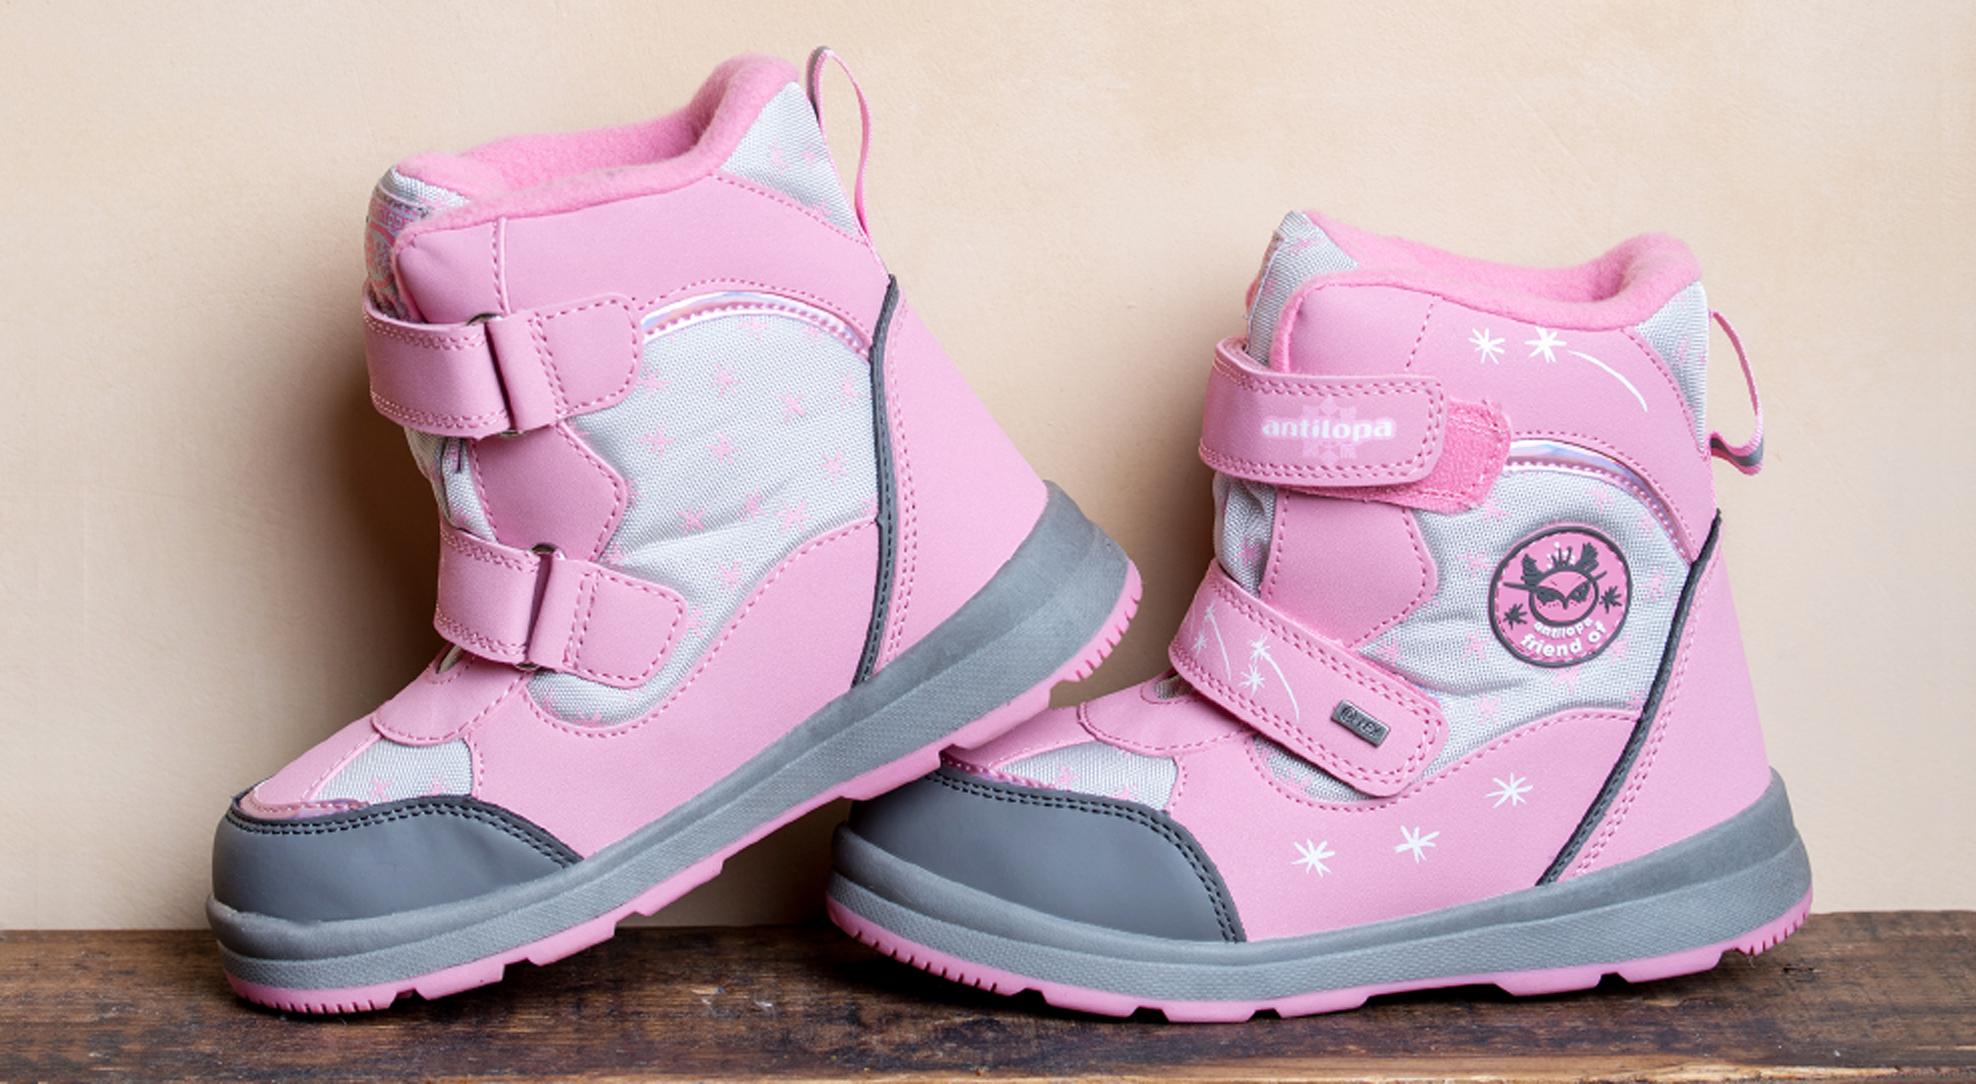 Выбираем зимнюю обувь для детей: умные технологии от Antilopa.